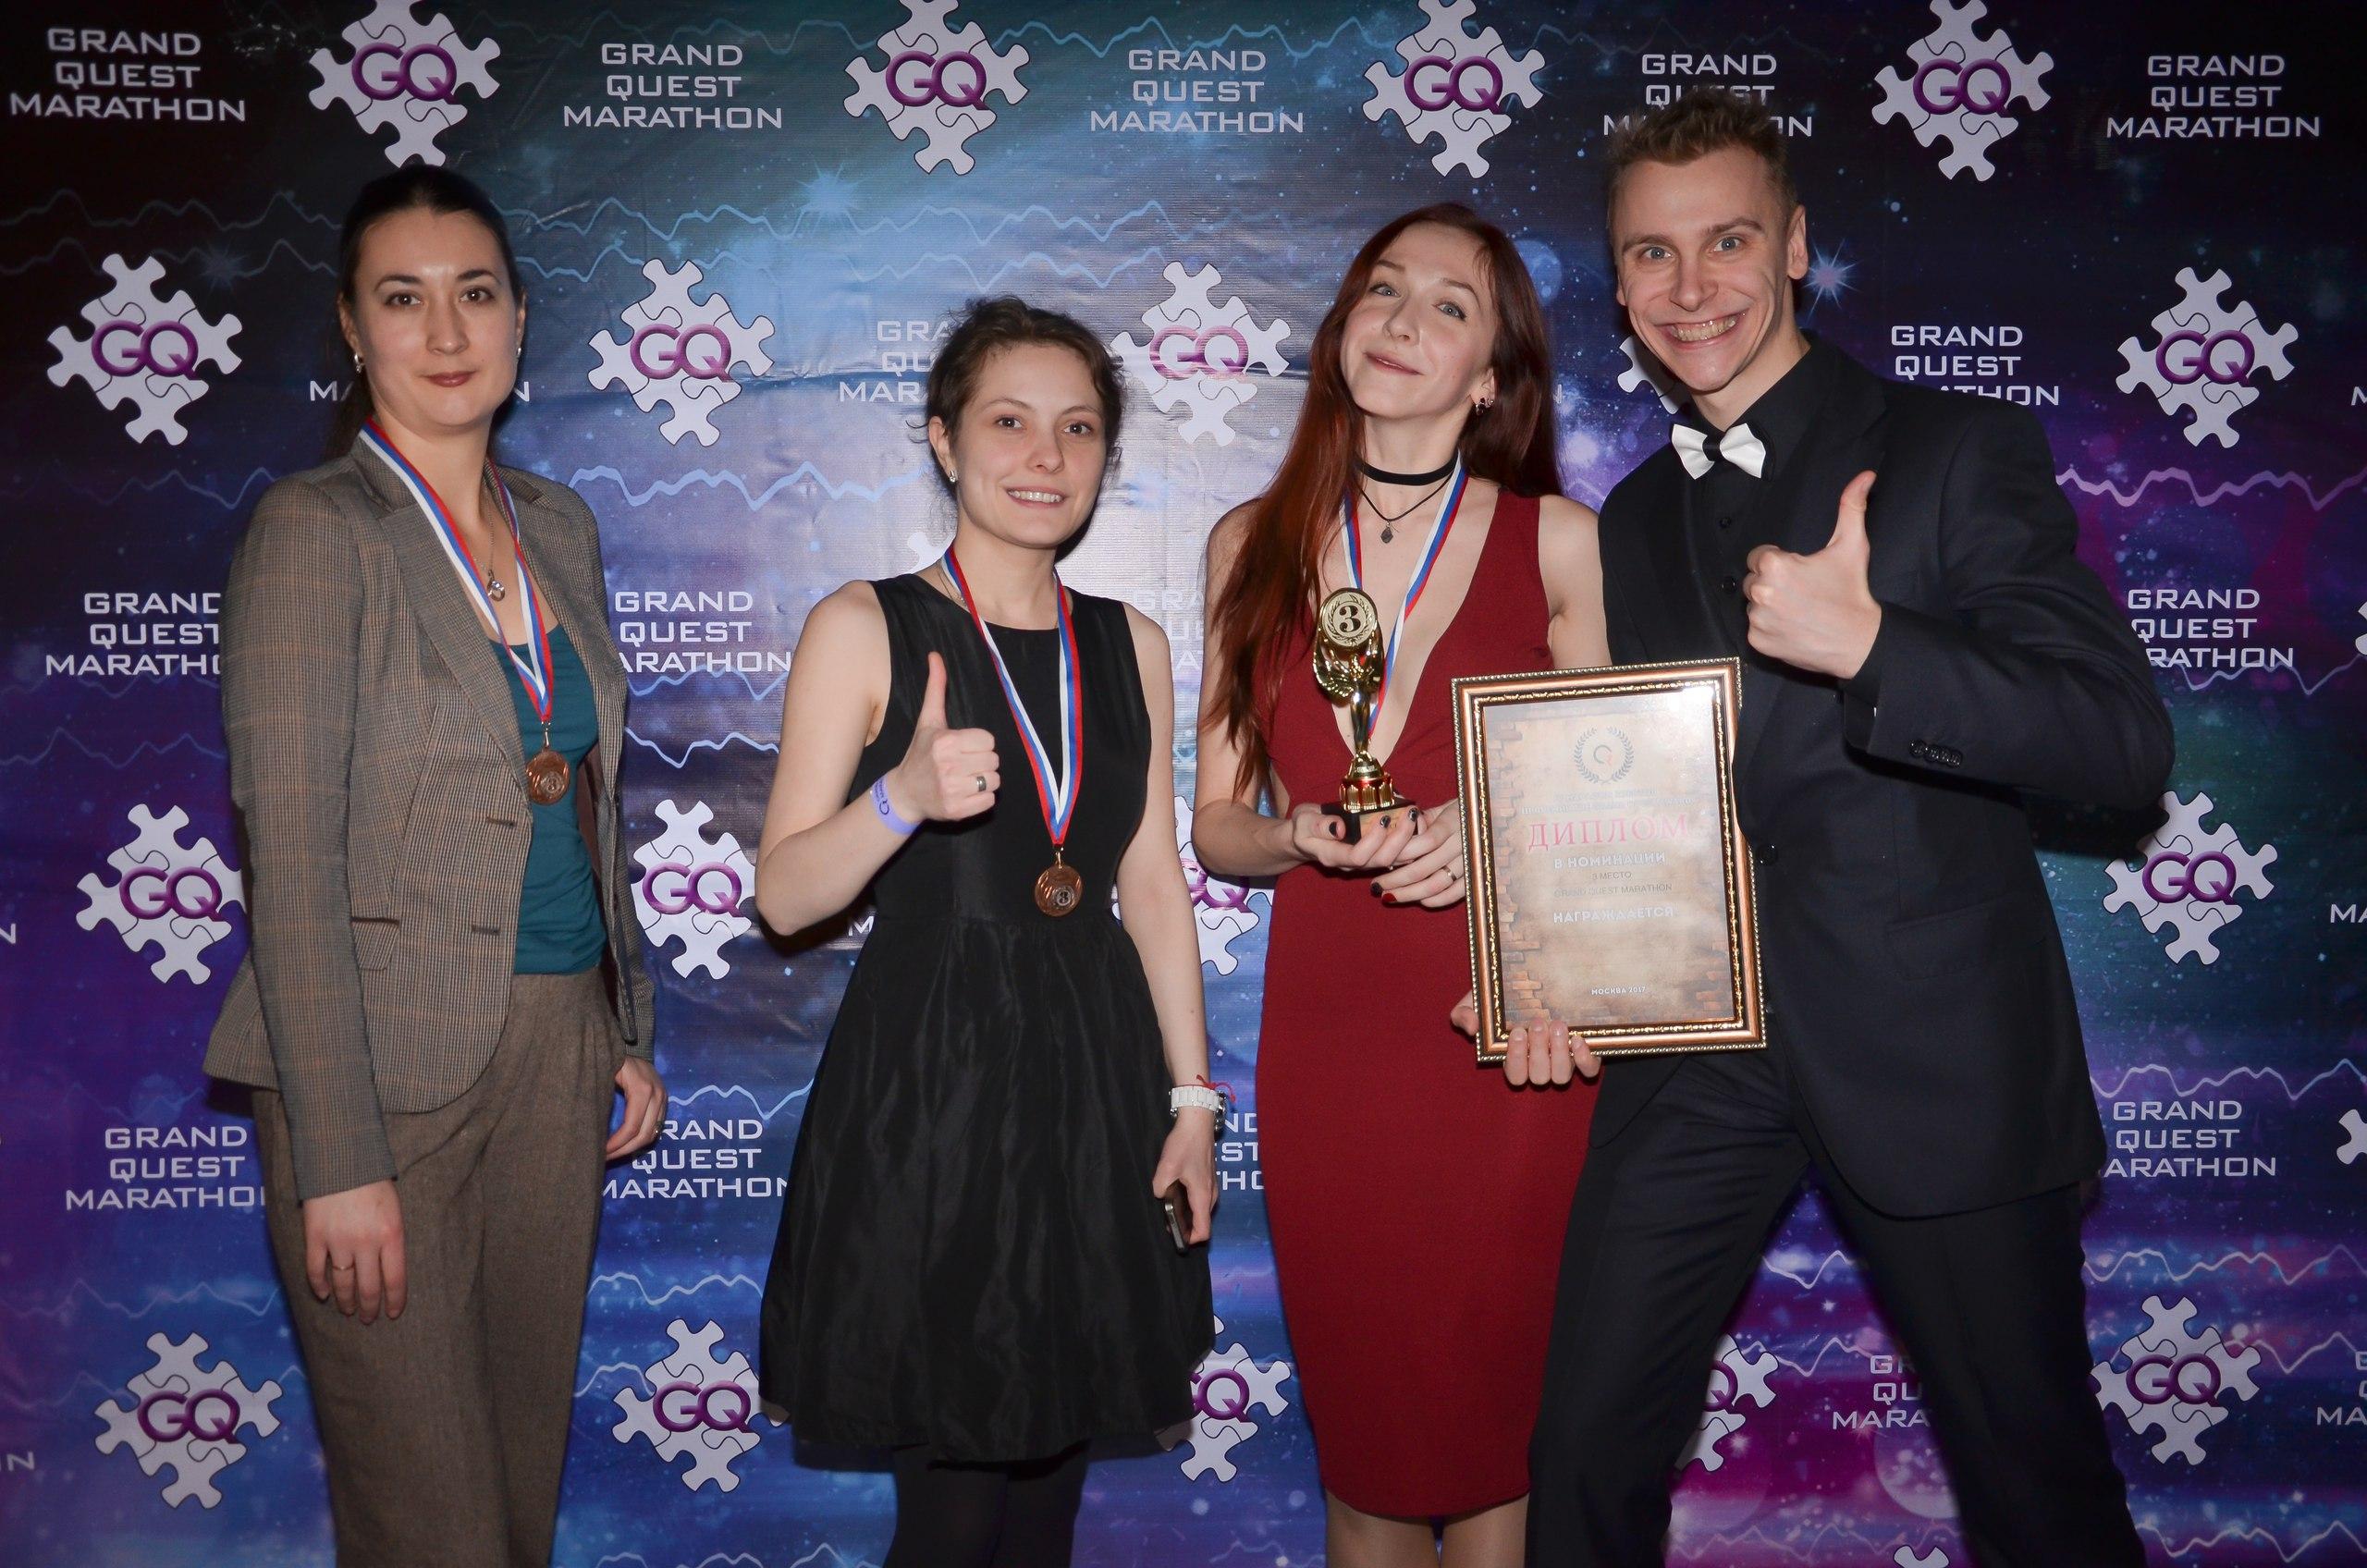 The Grand Quest Marathon: финальная вечеринка и награждение победителей